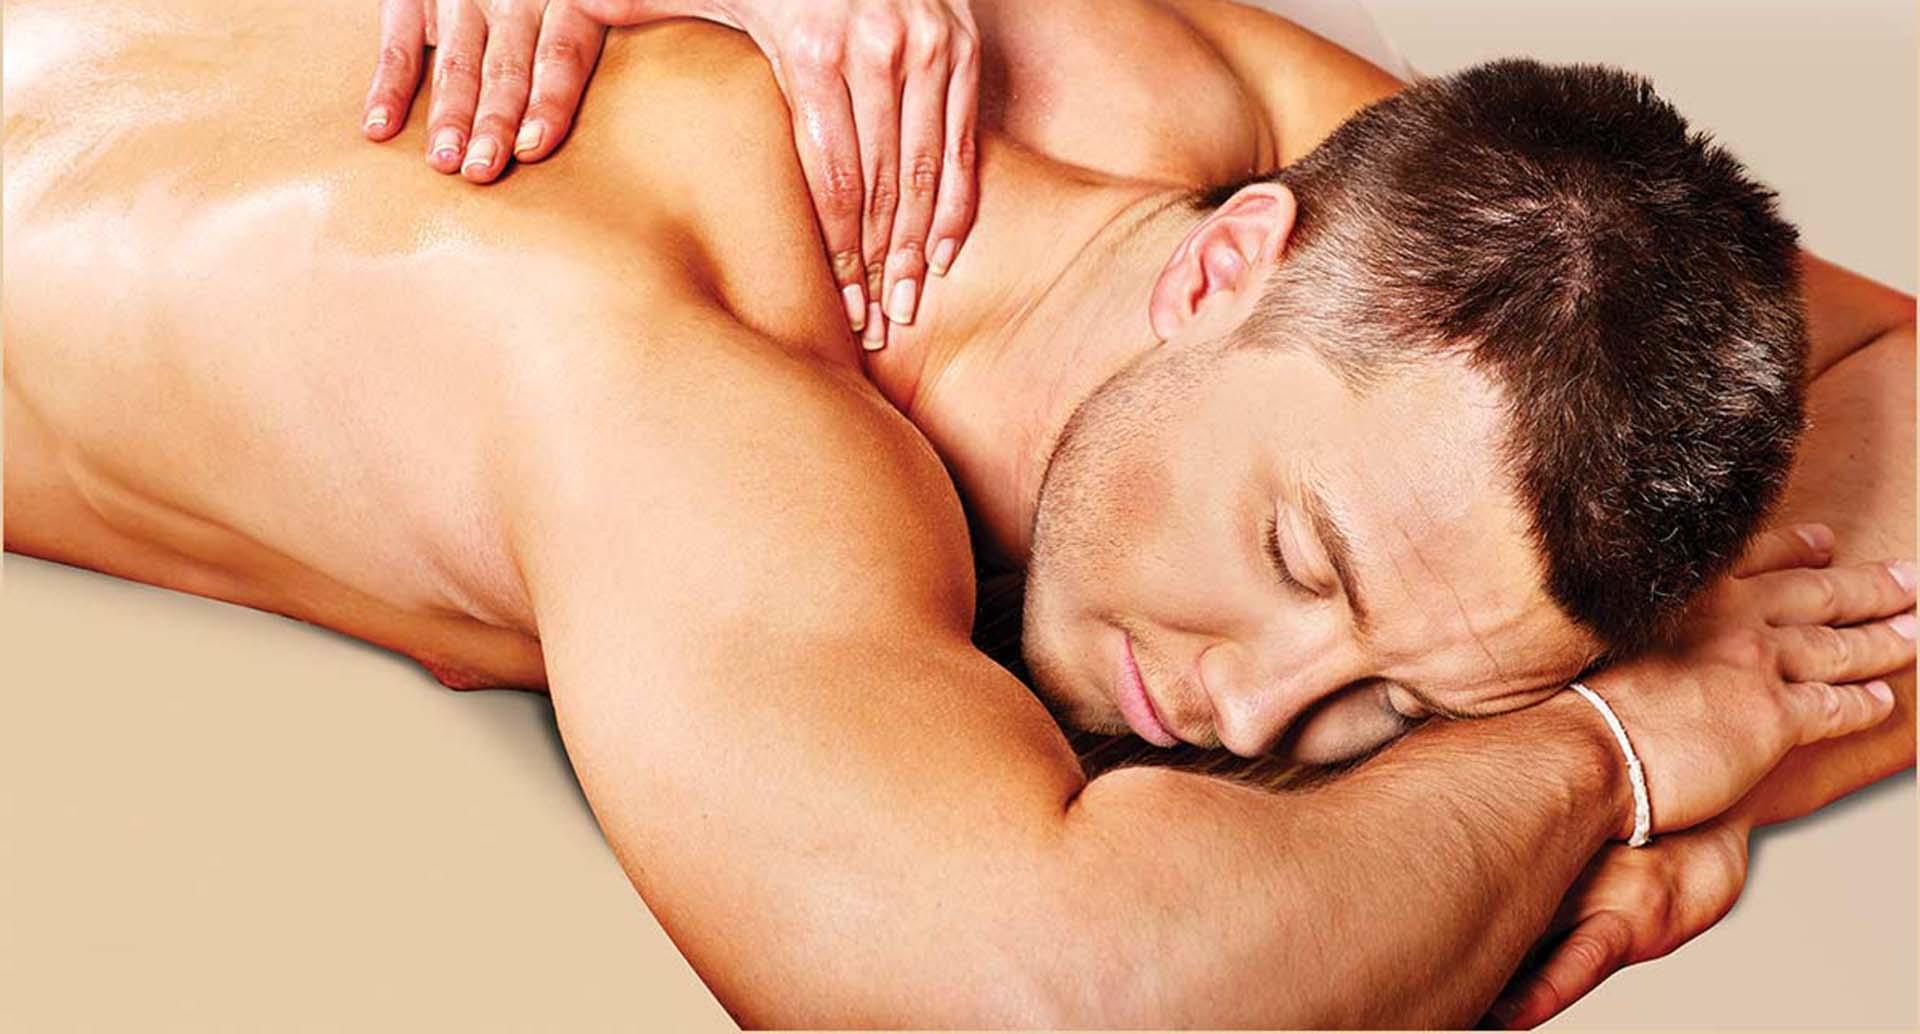 massage places for men